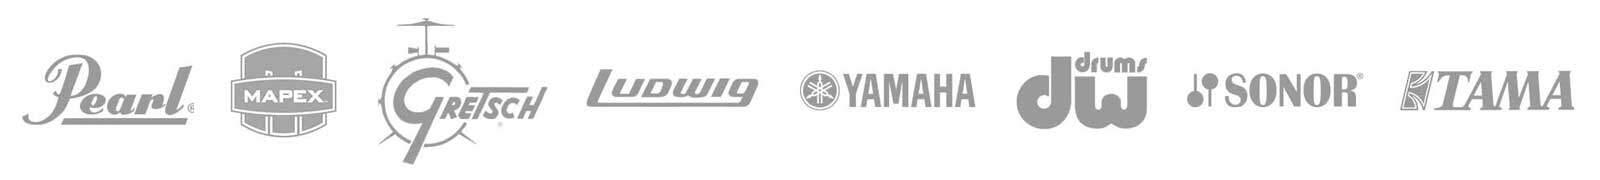 Drum Manufacturer Logo Strip